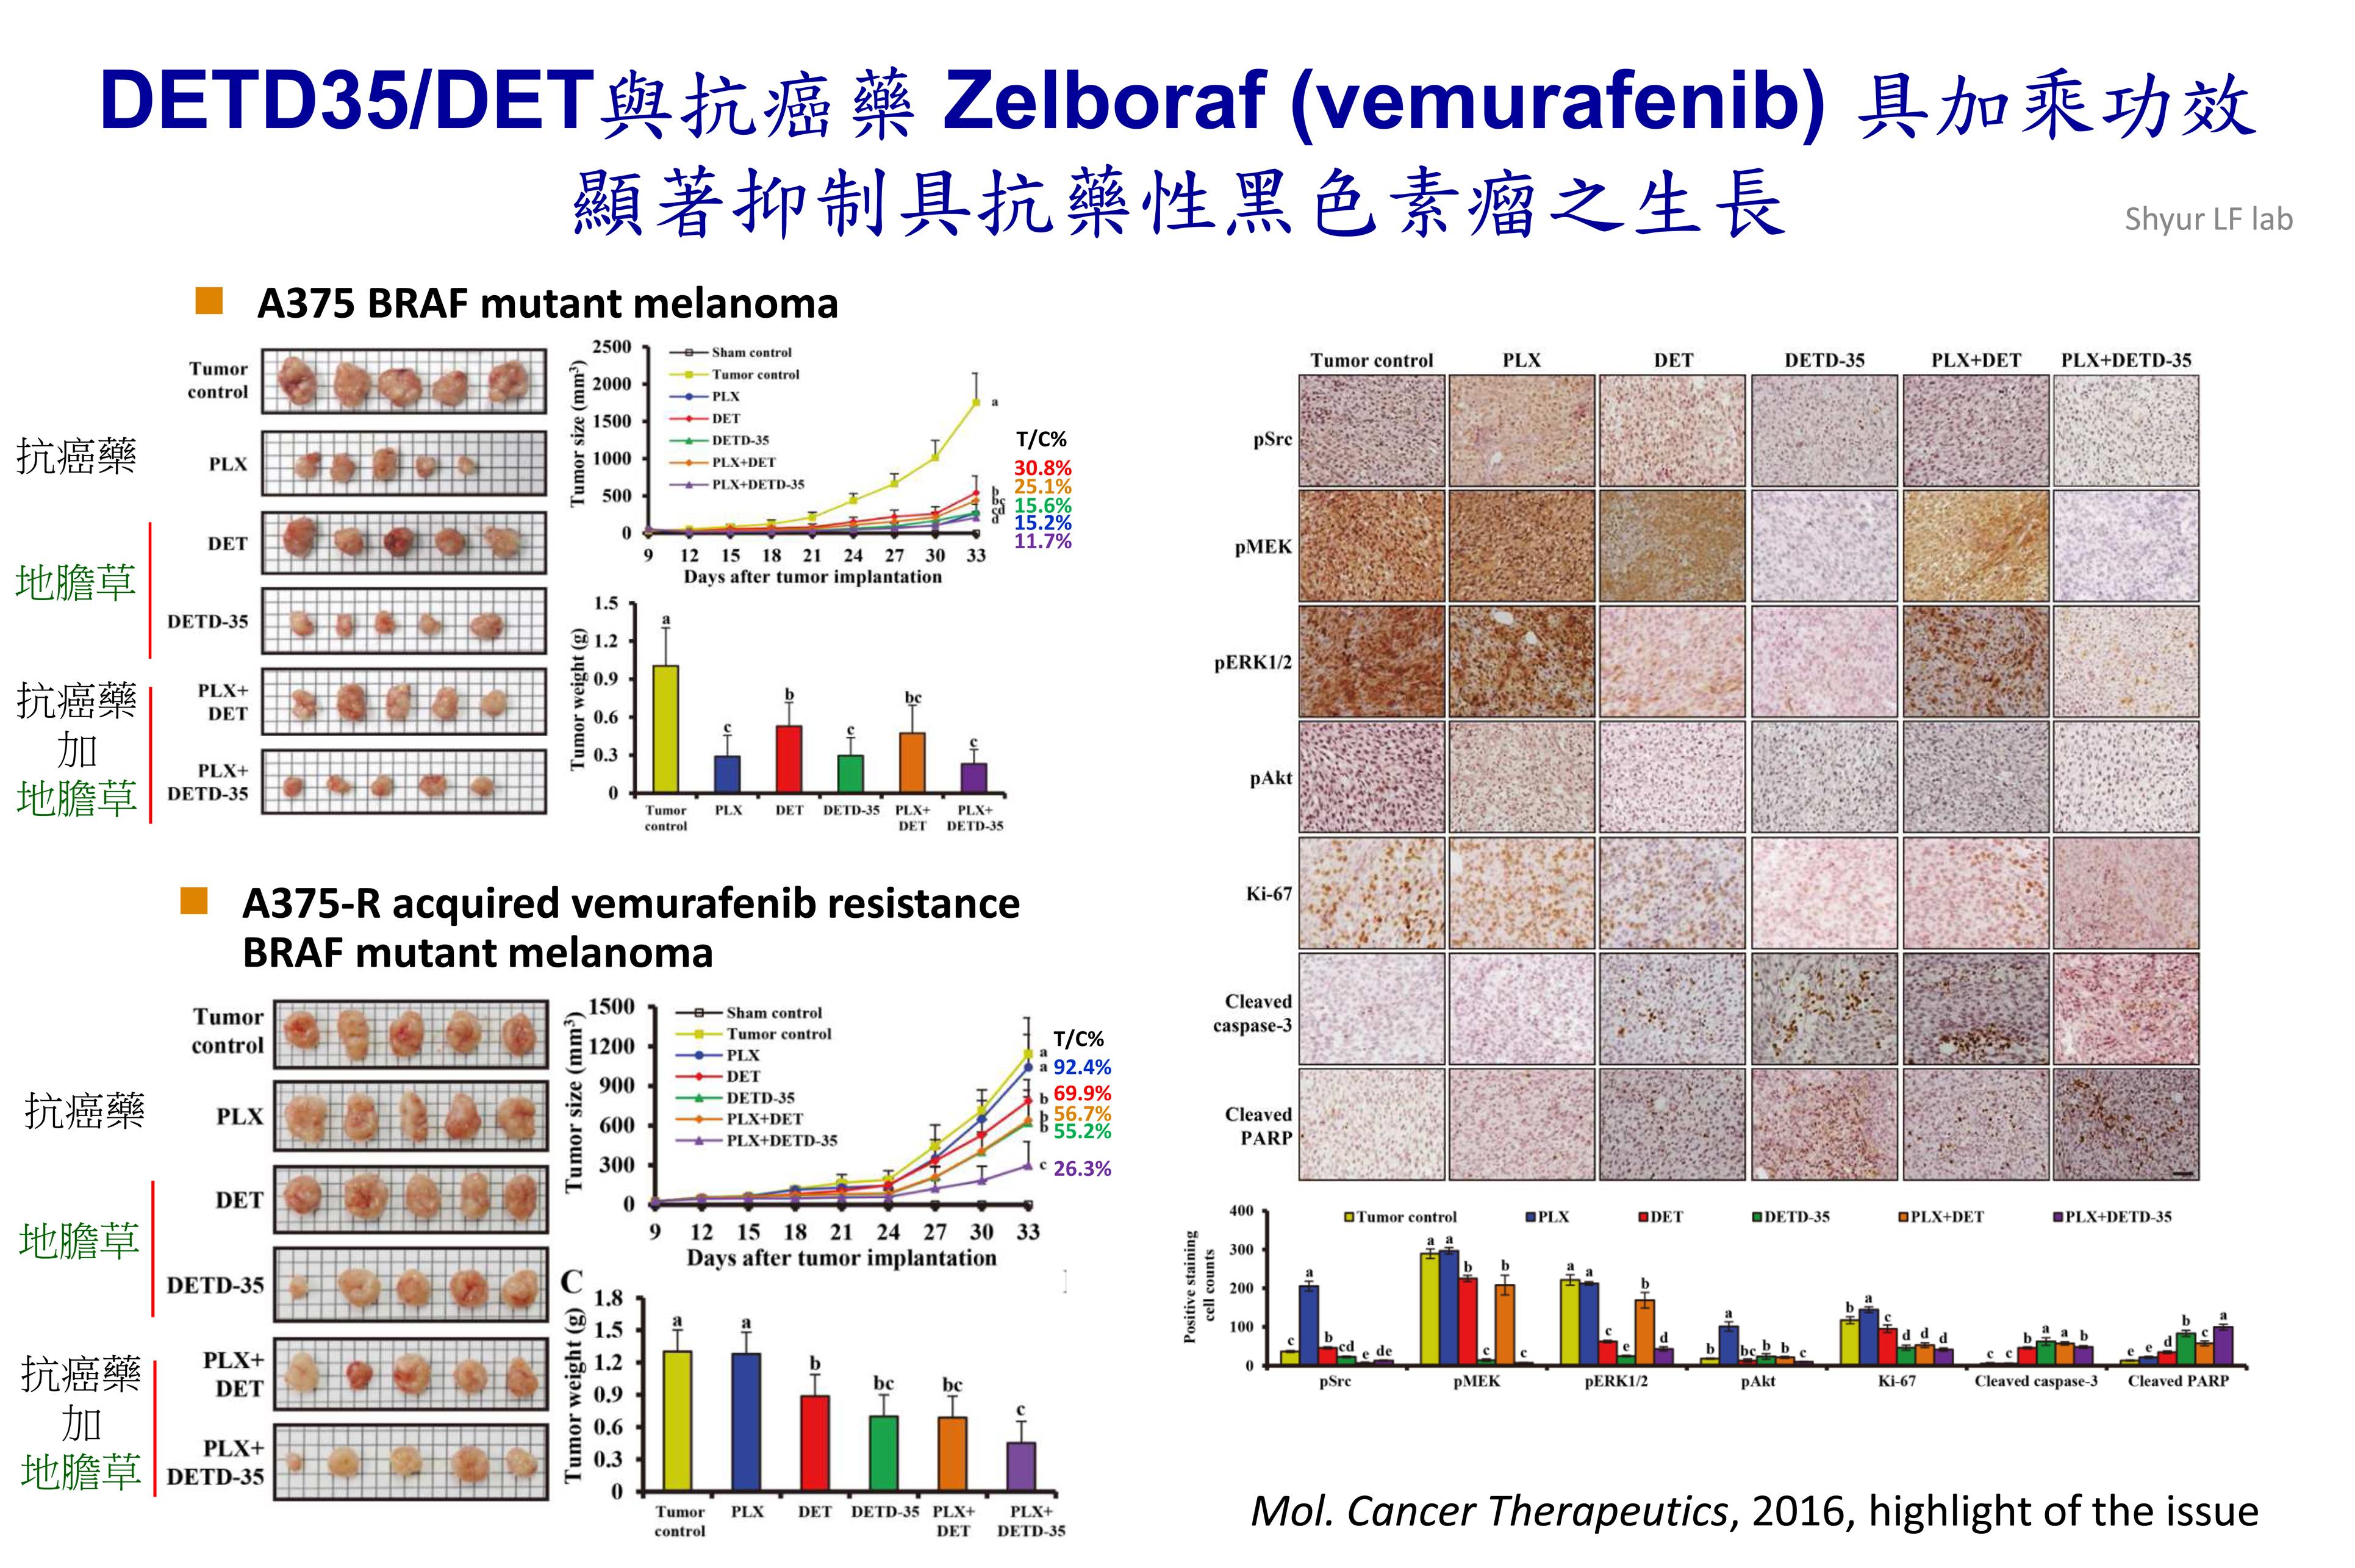 DETD35/DET與抗癌藥 Zelboraf (vemurafenib)具加乘功效並顯著抑制具抗藥性黑色素瘤之生長